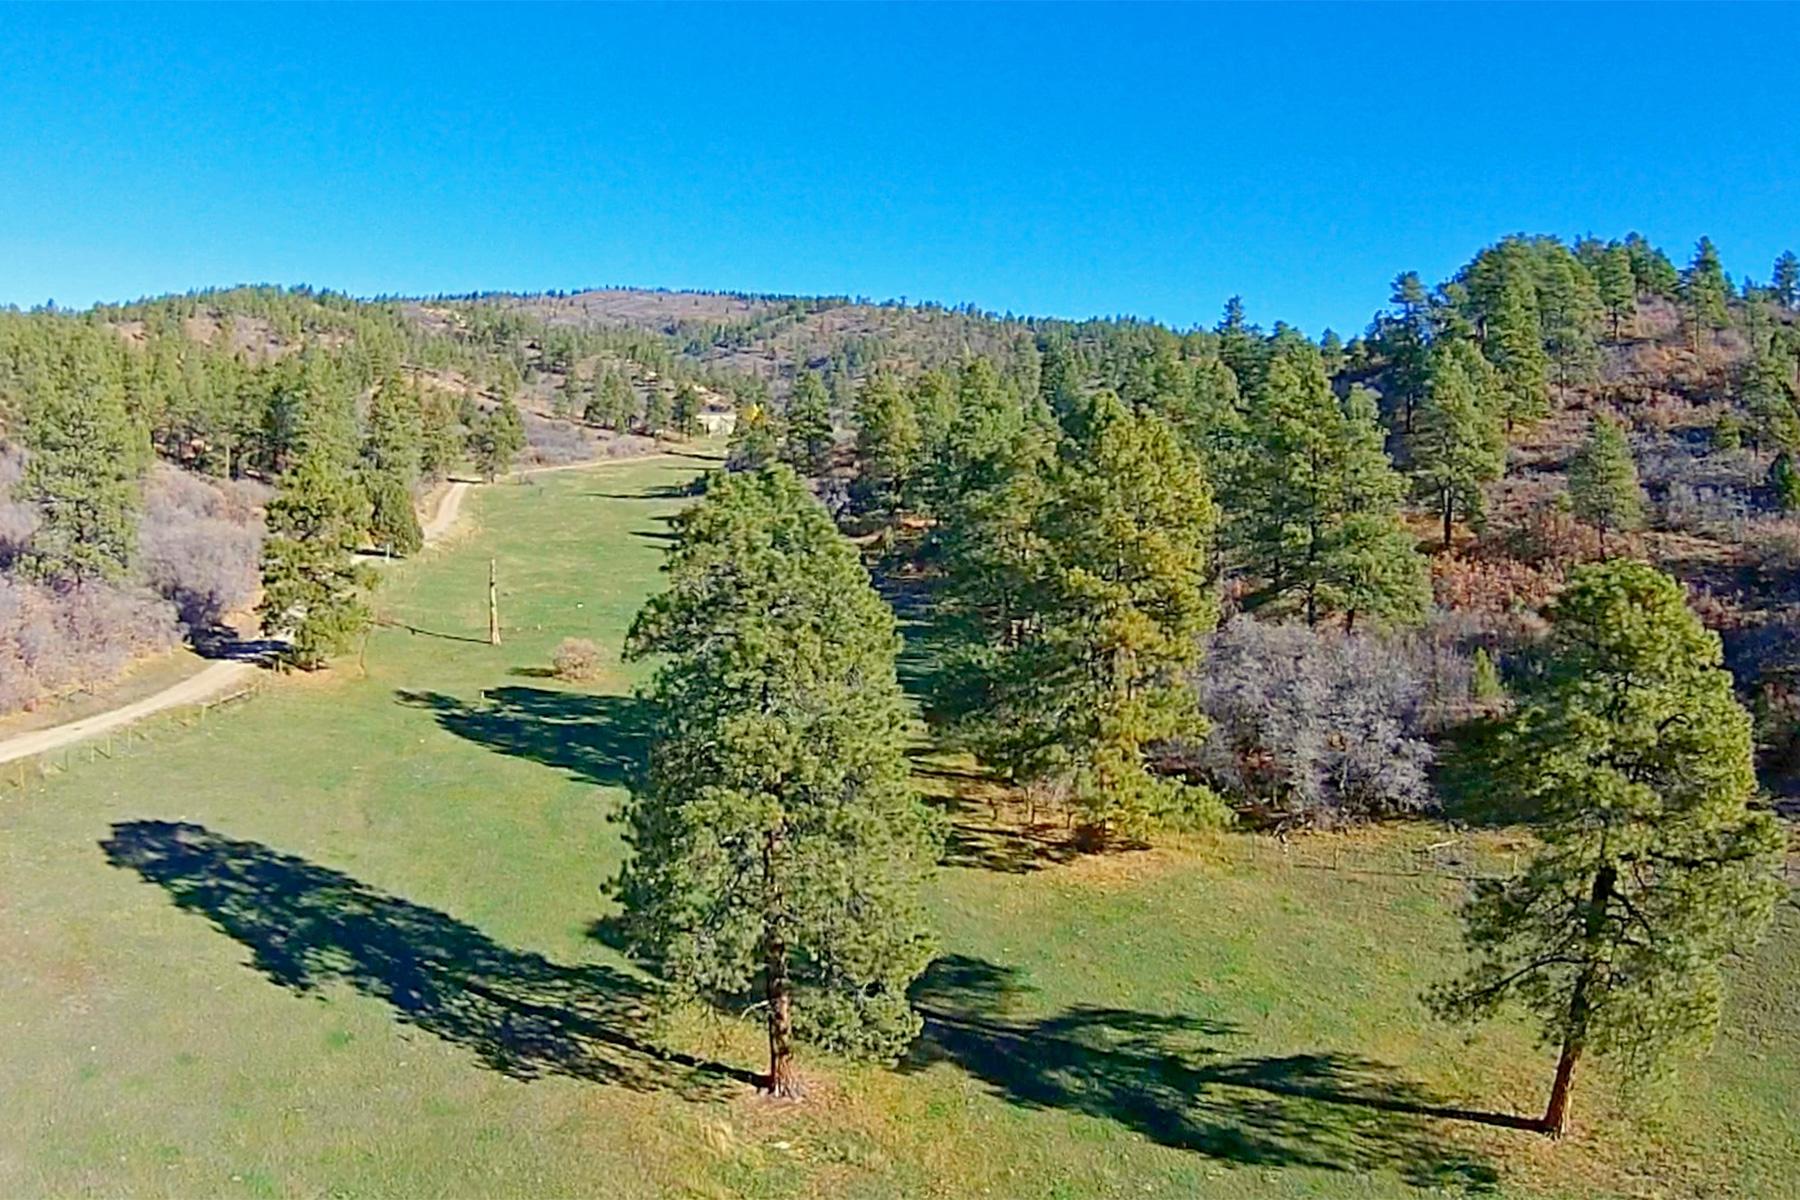 农场 / 牧场 / 种植园 为 销售 在 Elkhorn Ranch 7091 CR 228 贝菲尔德, 科罗拉多州 81122 美国